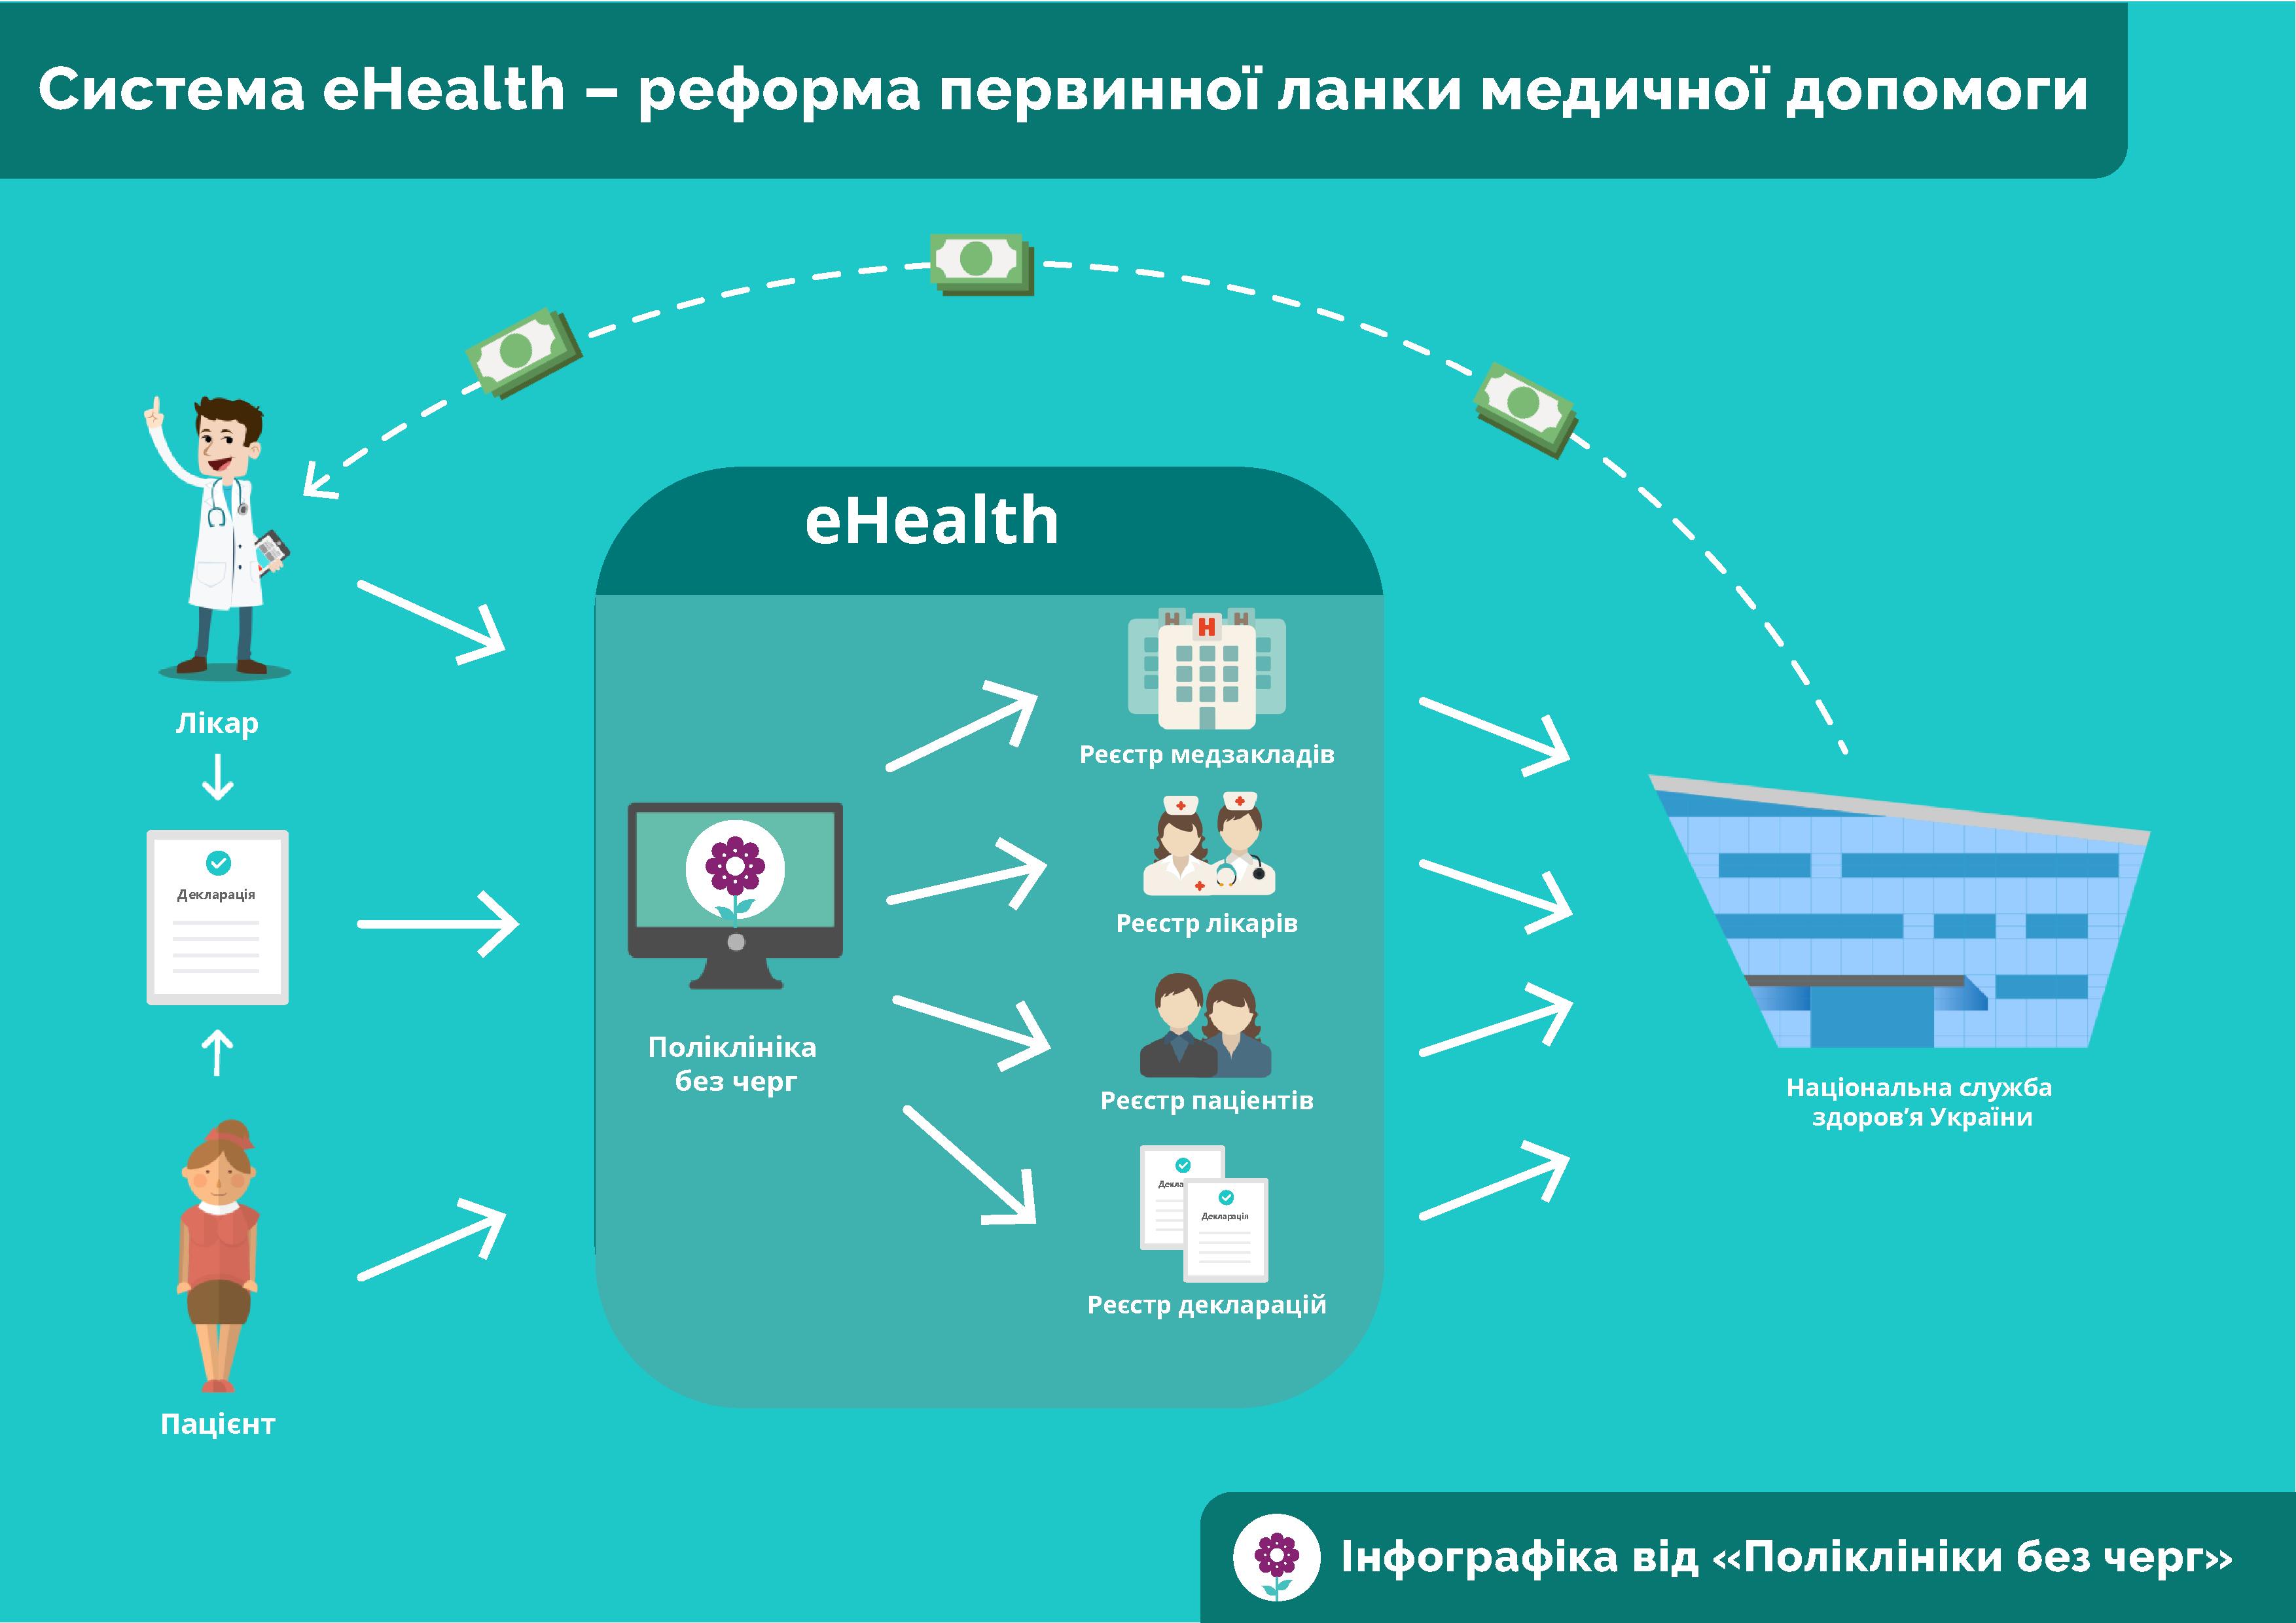 Деньги отправили запациентом: система eHealth заработала в пробном режиме